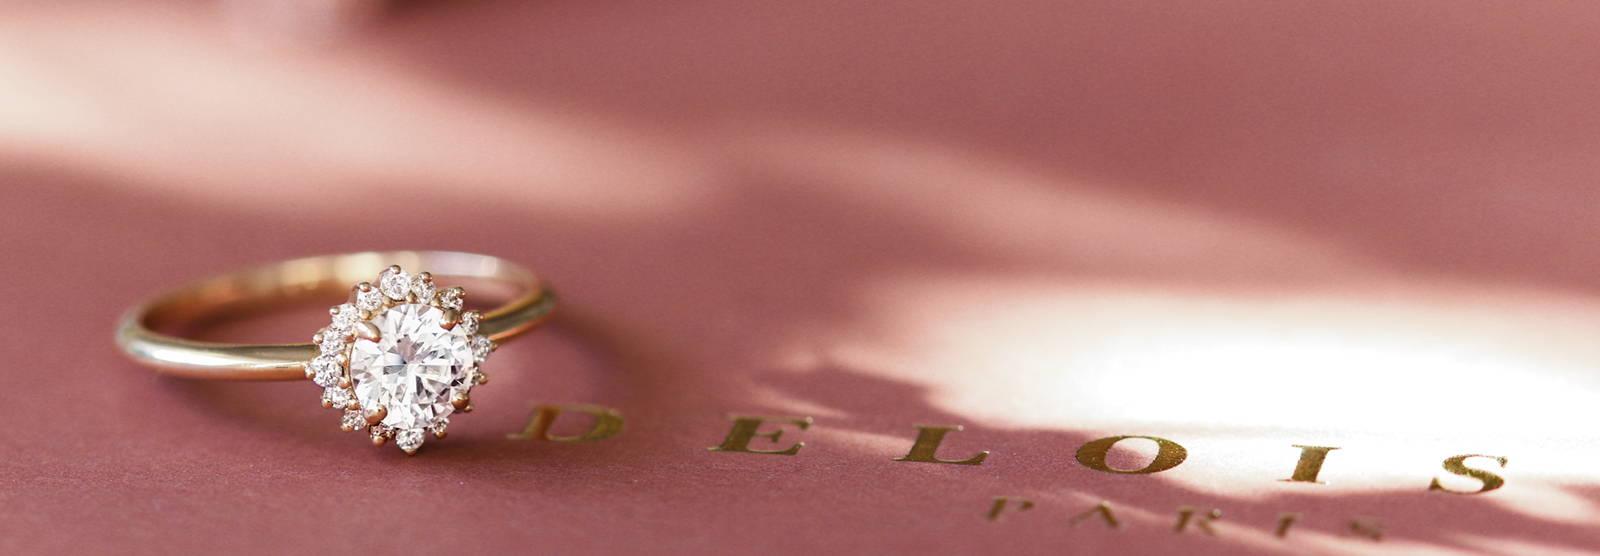 Bague de fiançailles en or 18 carats et diamants | Deloison Paris